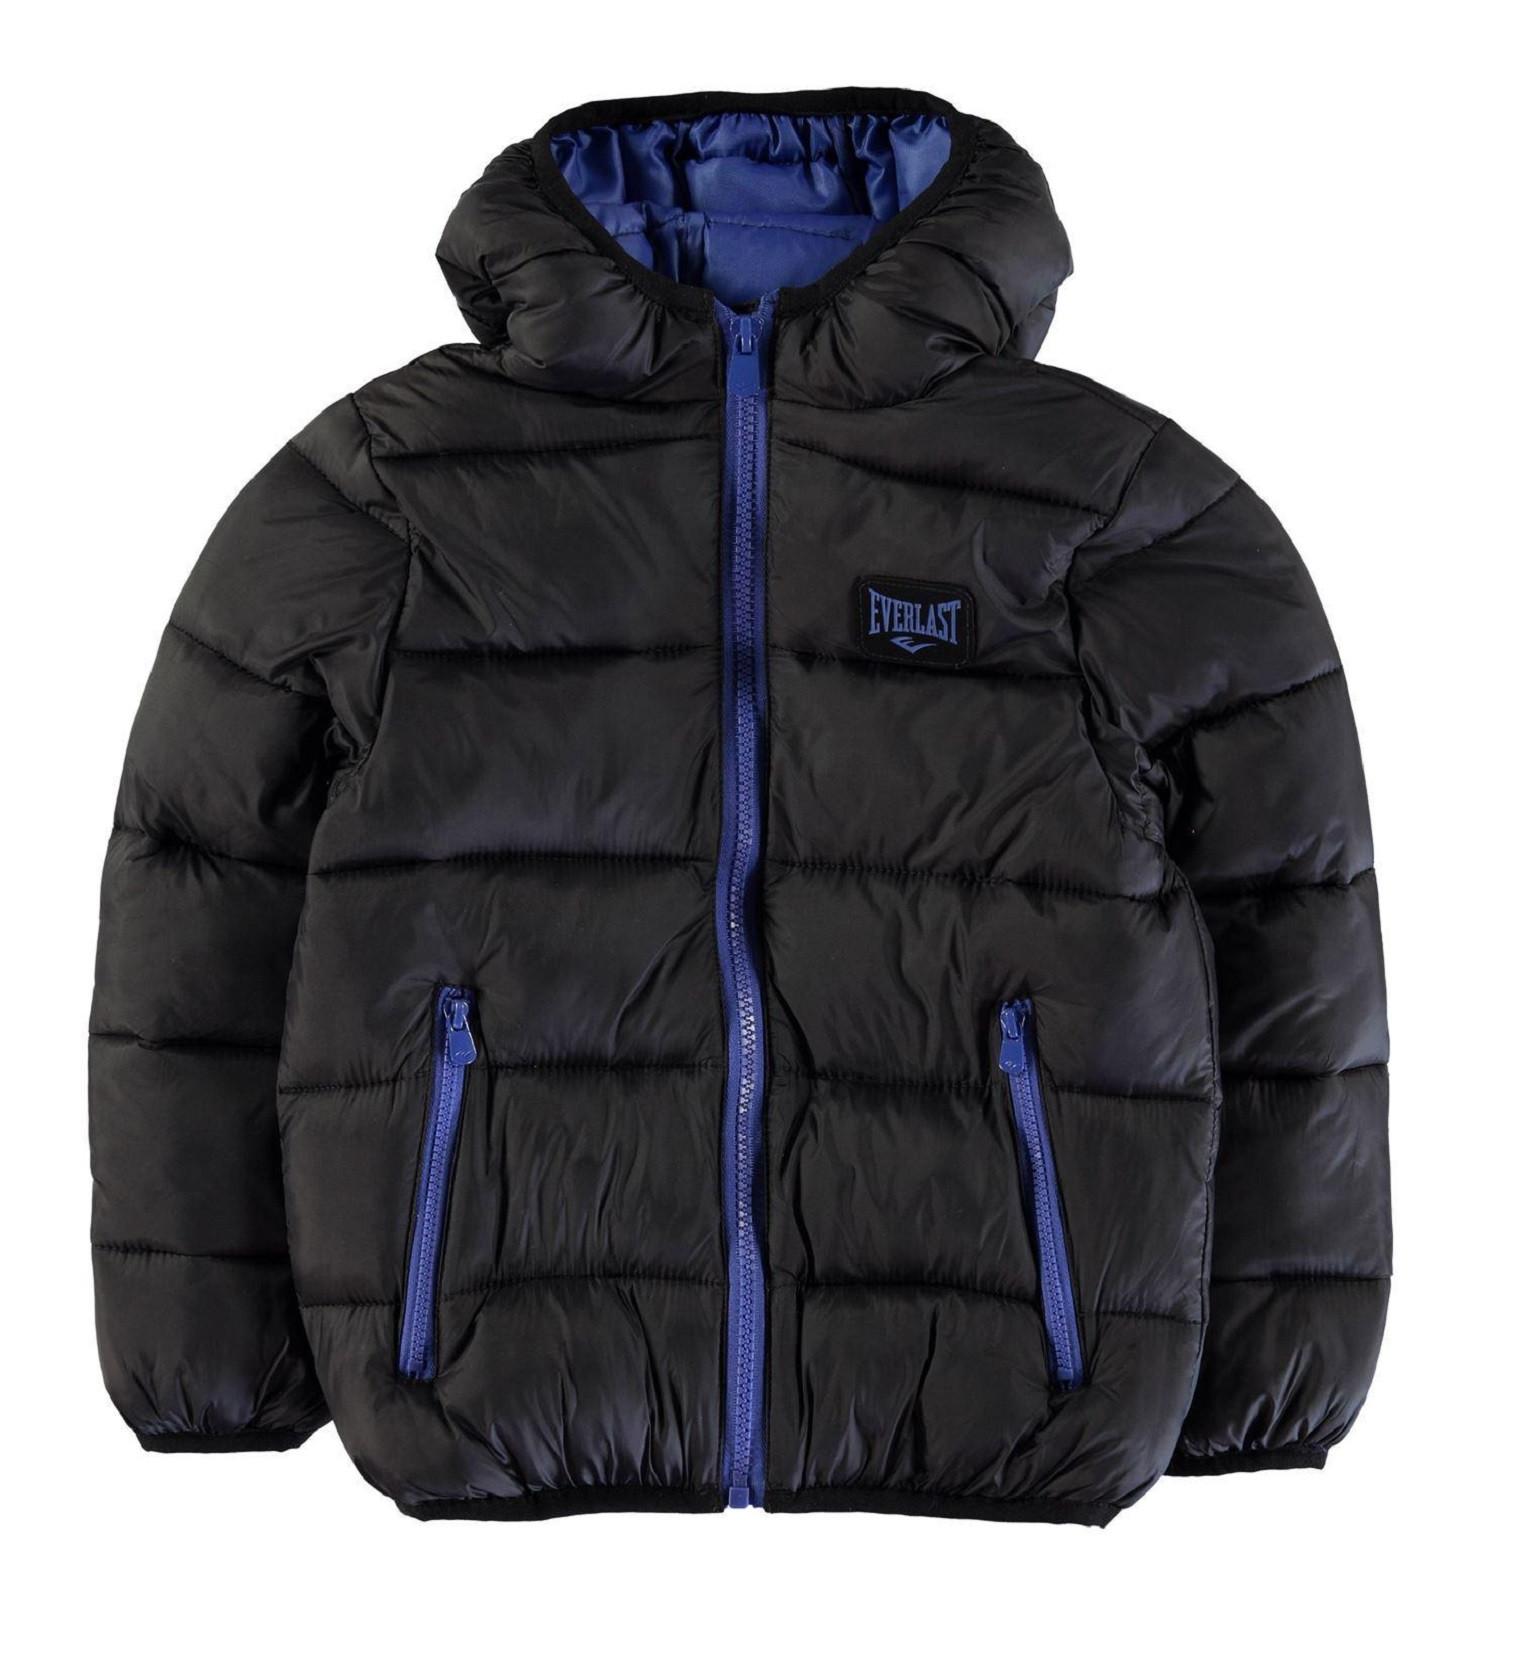 Купити Куртка EVERLAST BLACK/ROY - фото 1